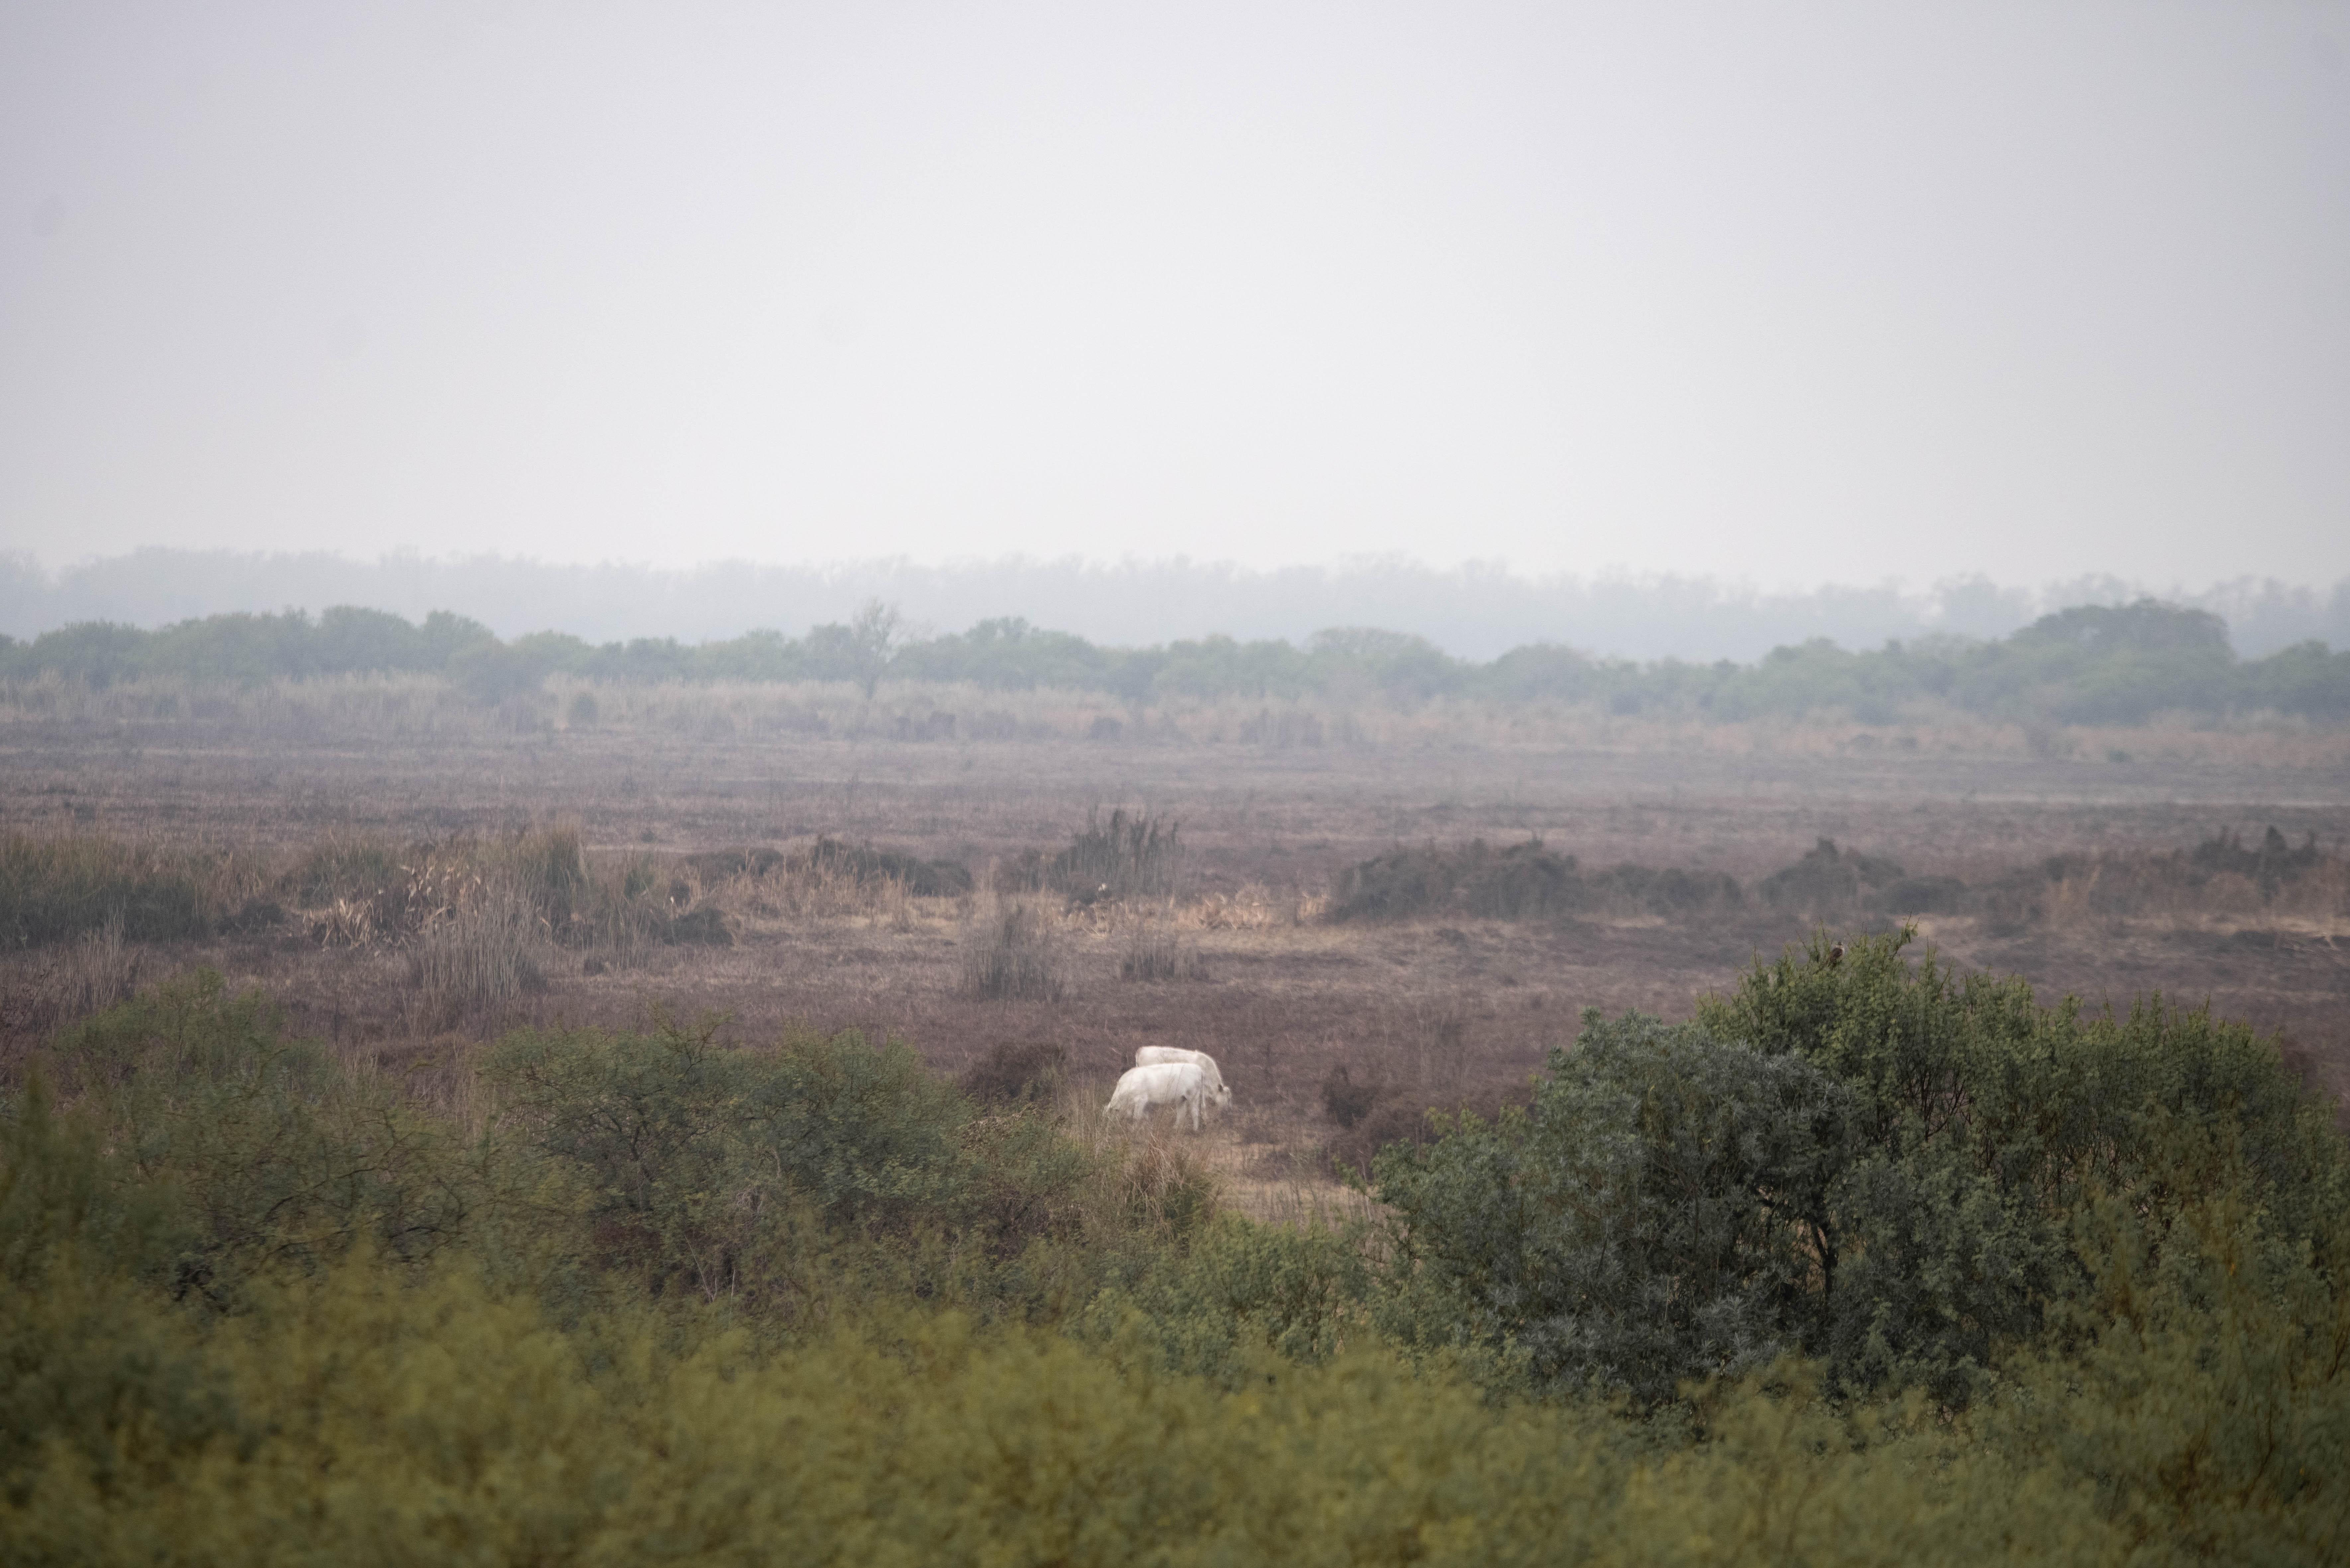 La situación que se vive en el lugar es alarmante: los incendios intencionales ya quemaron unas 90 mil hectáreas y algunas viviendas de la zona corren riesgo de ser alcanzadas por el fuego, que es combatido por decenas de brigadistas